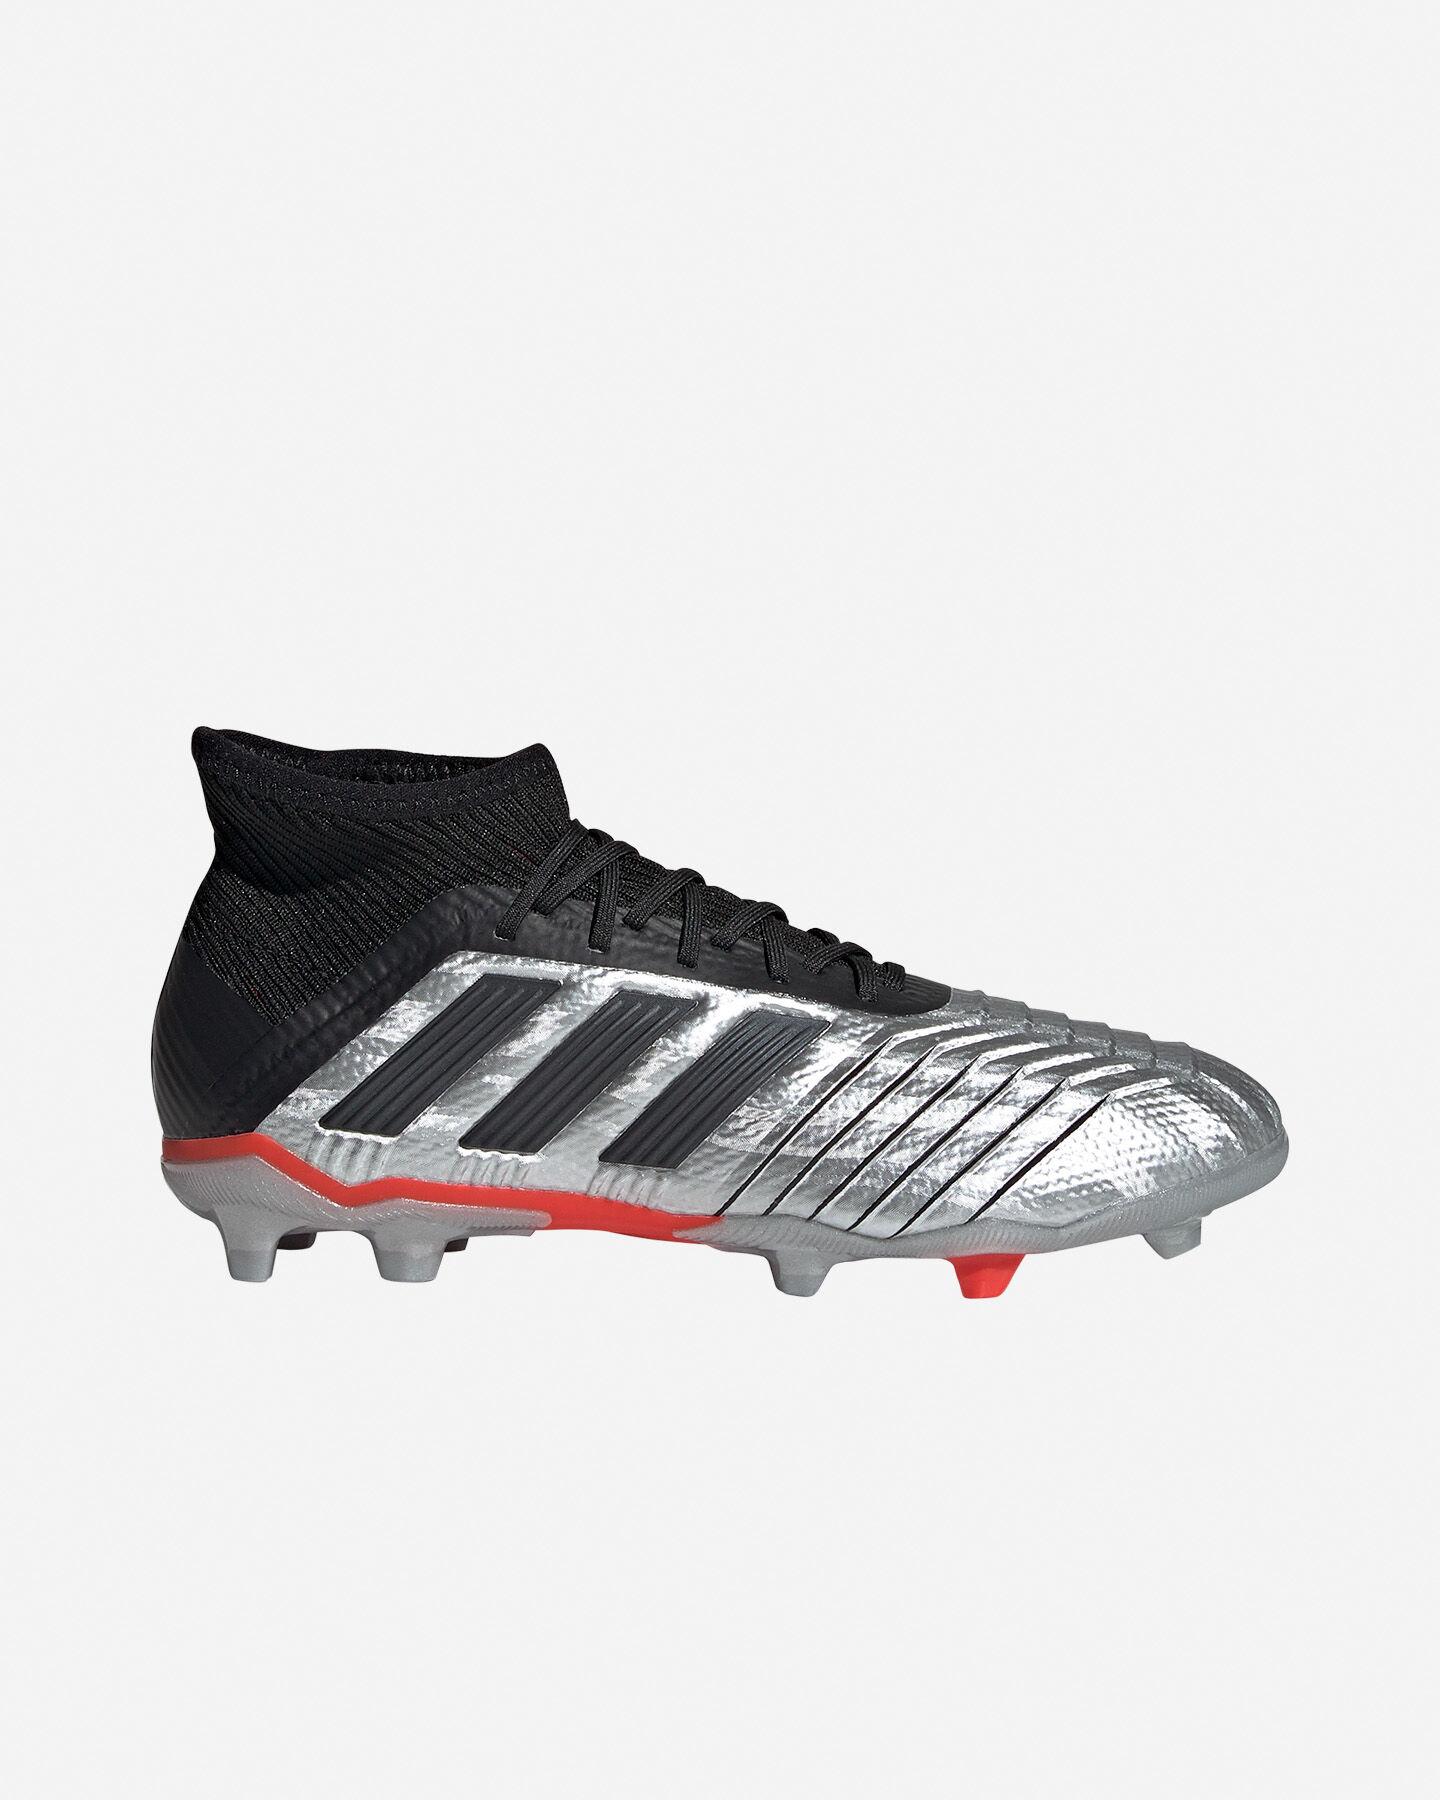 scarpe calcetto adidas predator